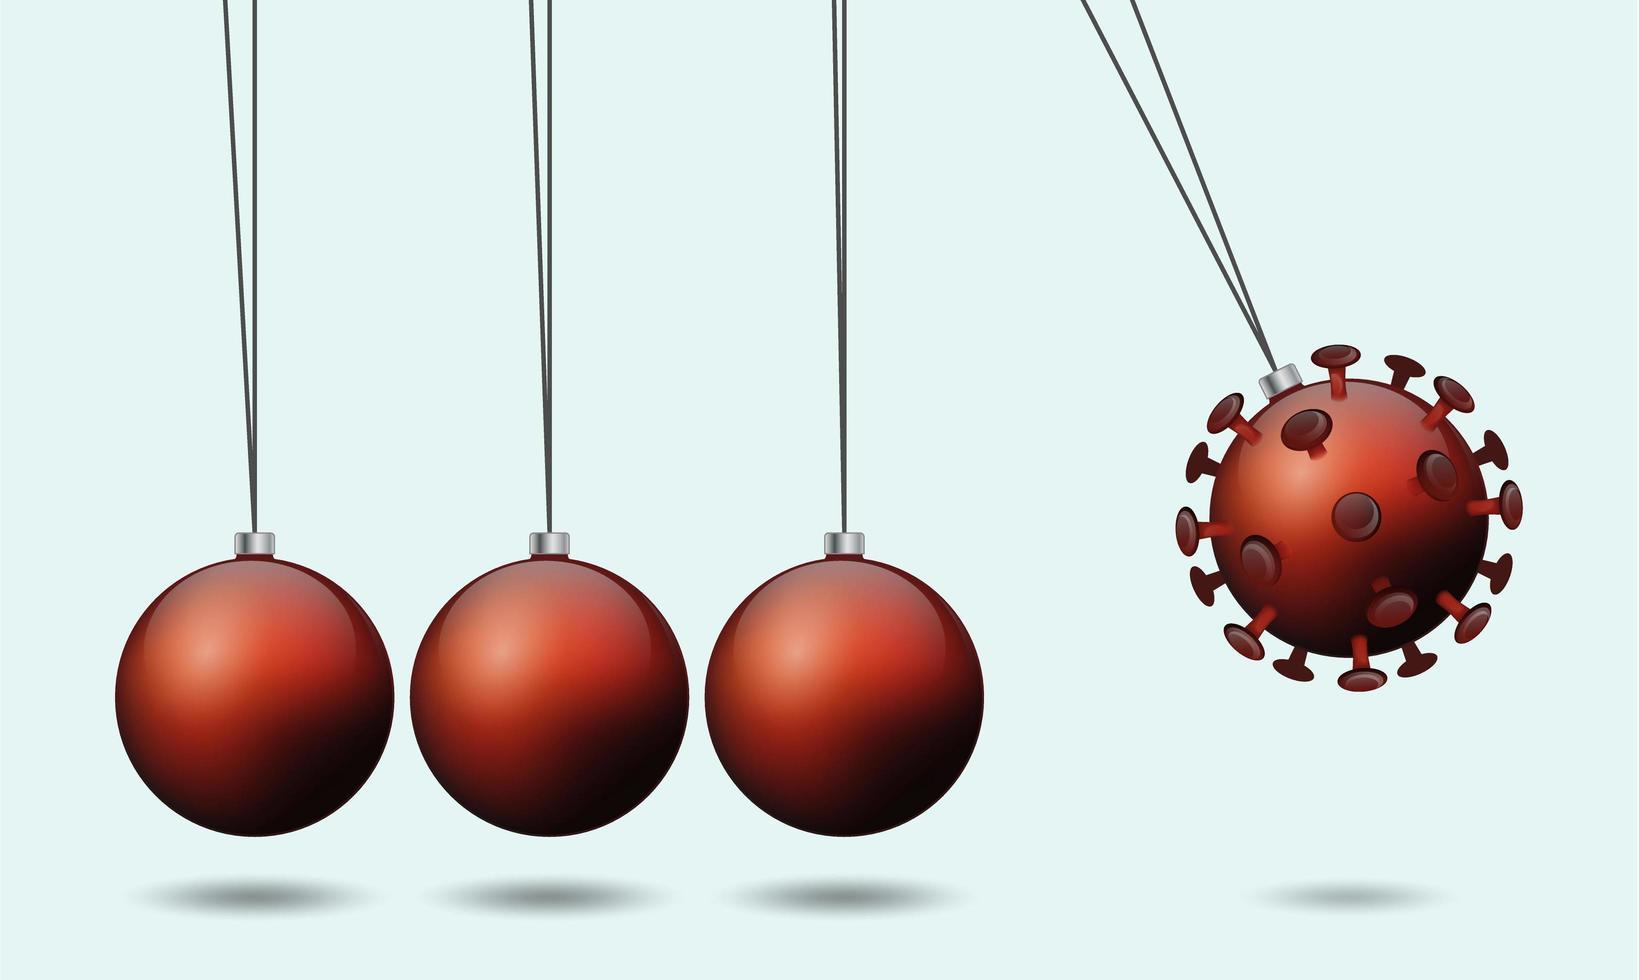 concetto di allontanamento sociale con ornamenti natalizi vettore